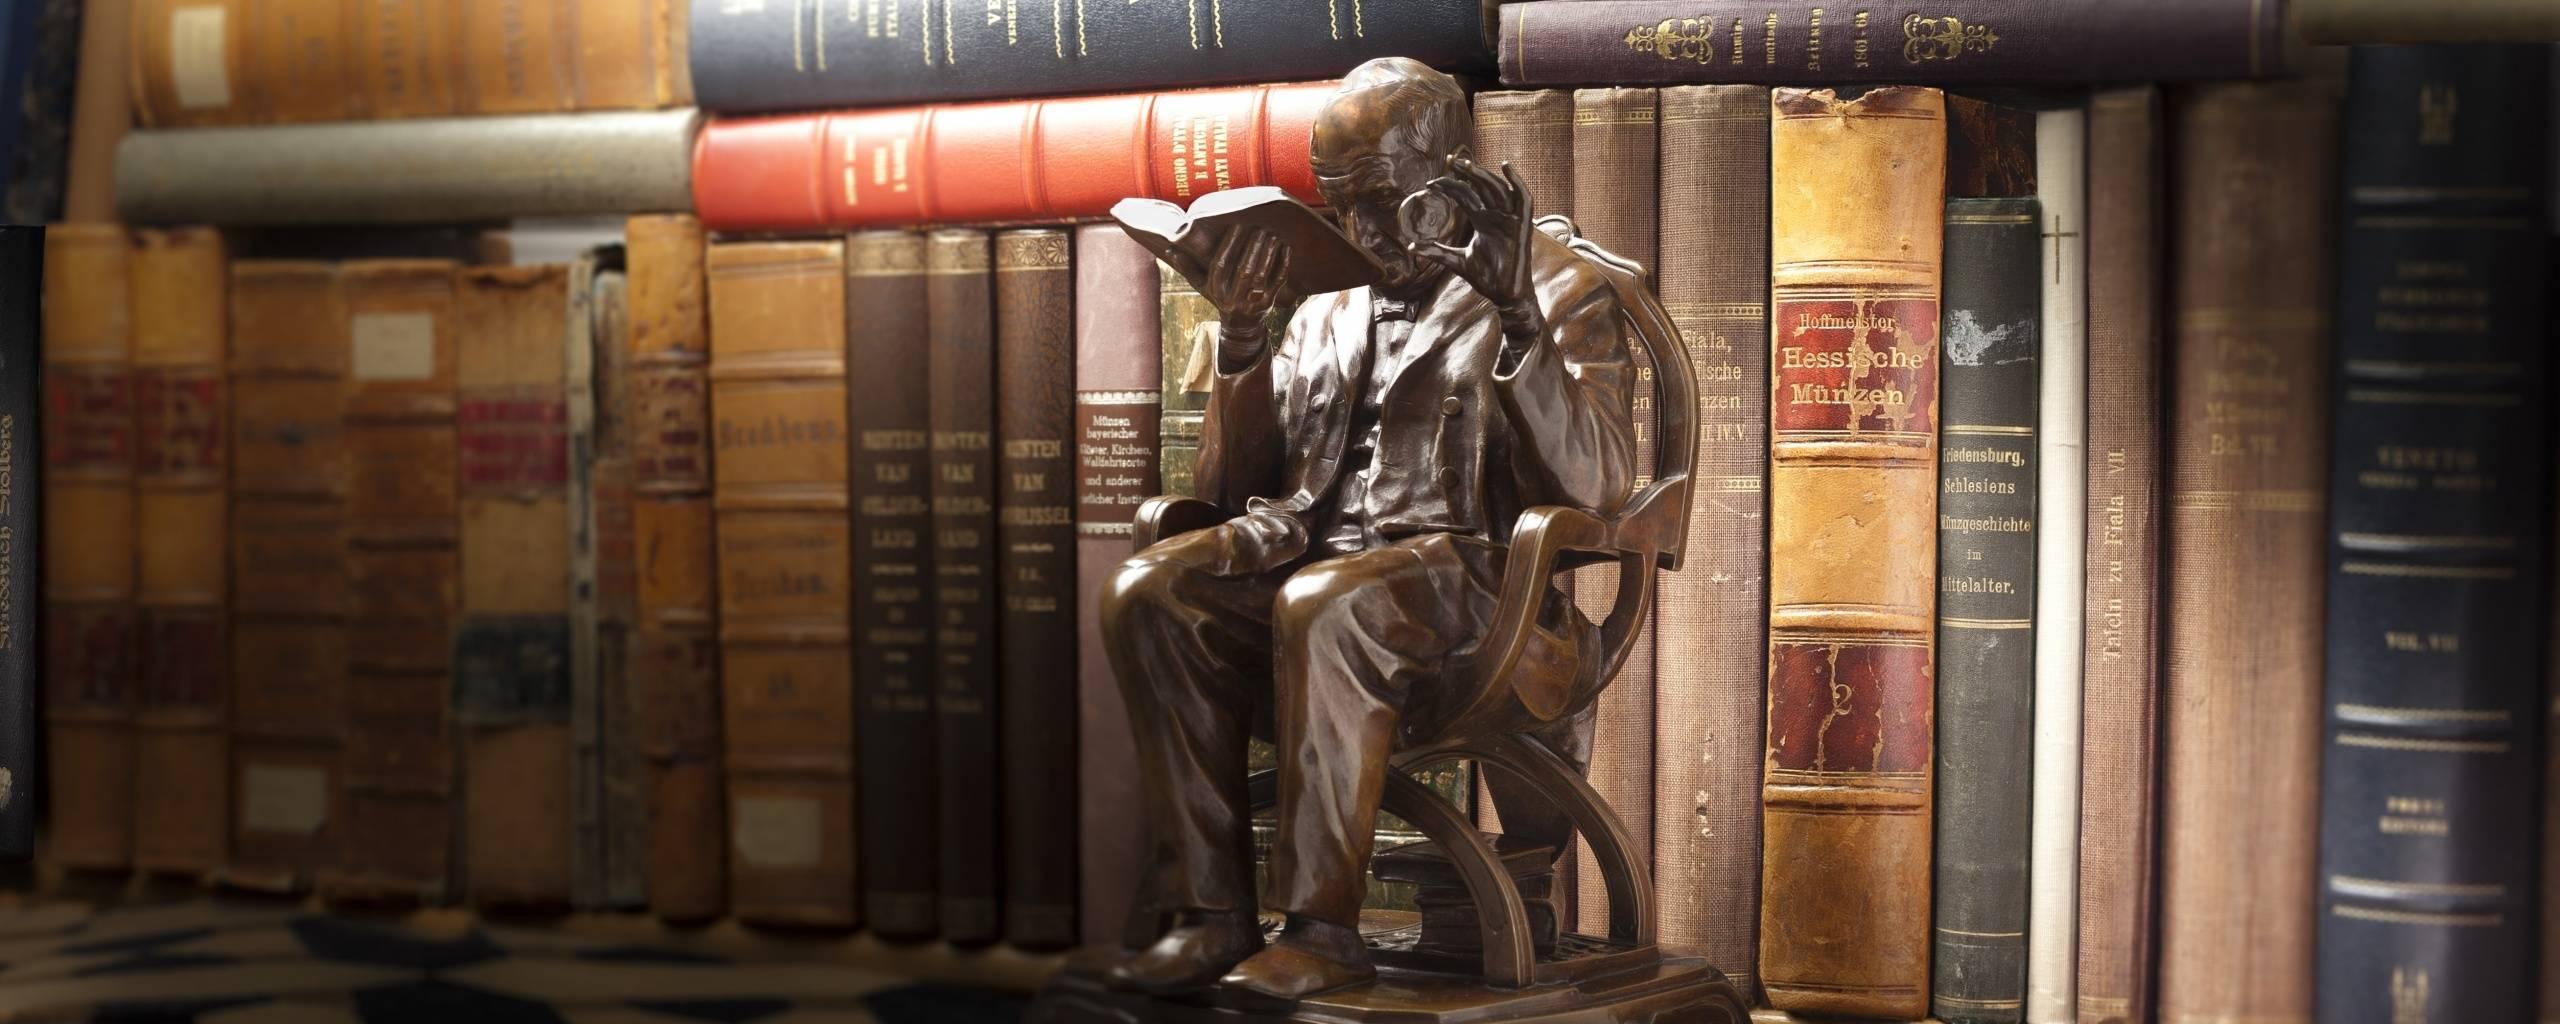 Buch im Pfandhaus